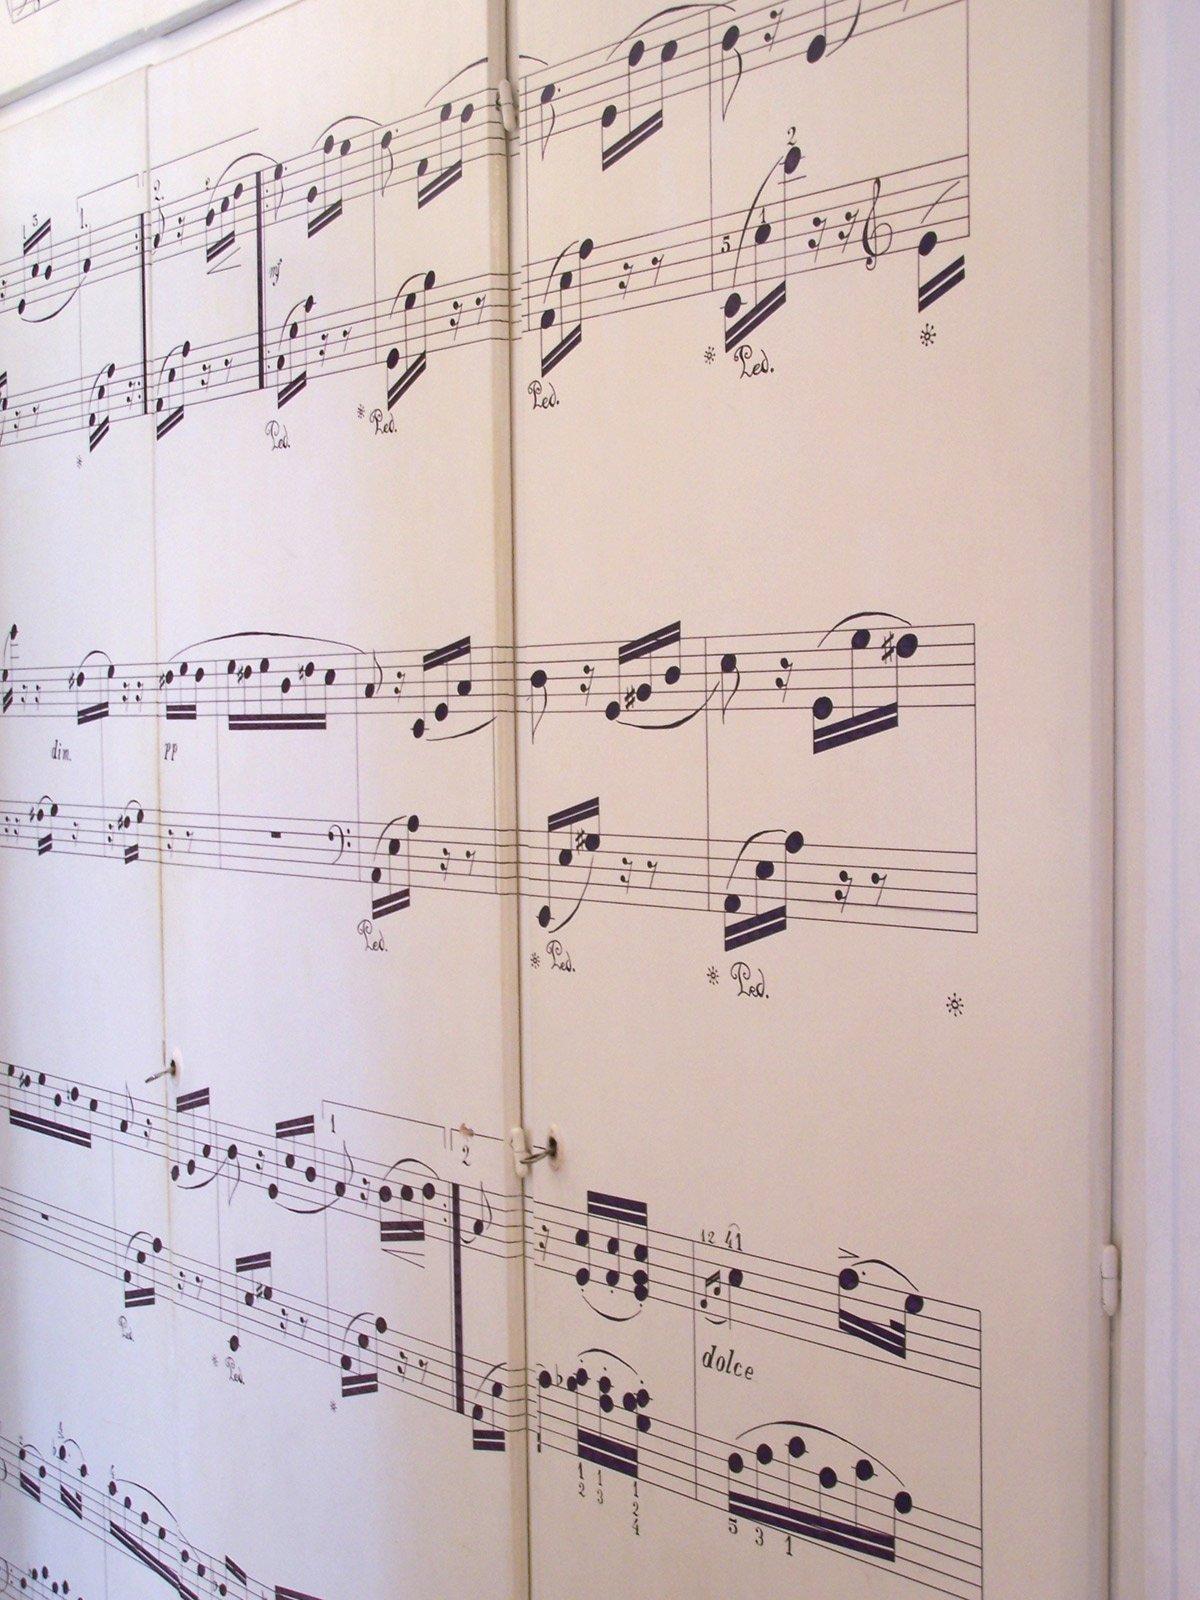 Armadio con spartito musicale cose di casa for Carta da parati per rivestire armadio